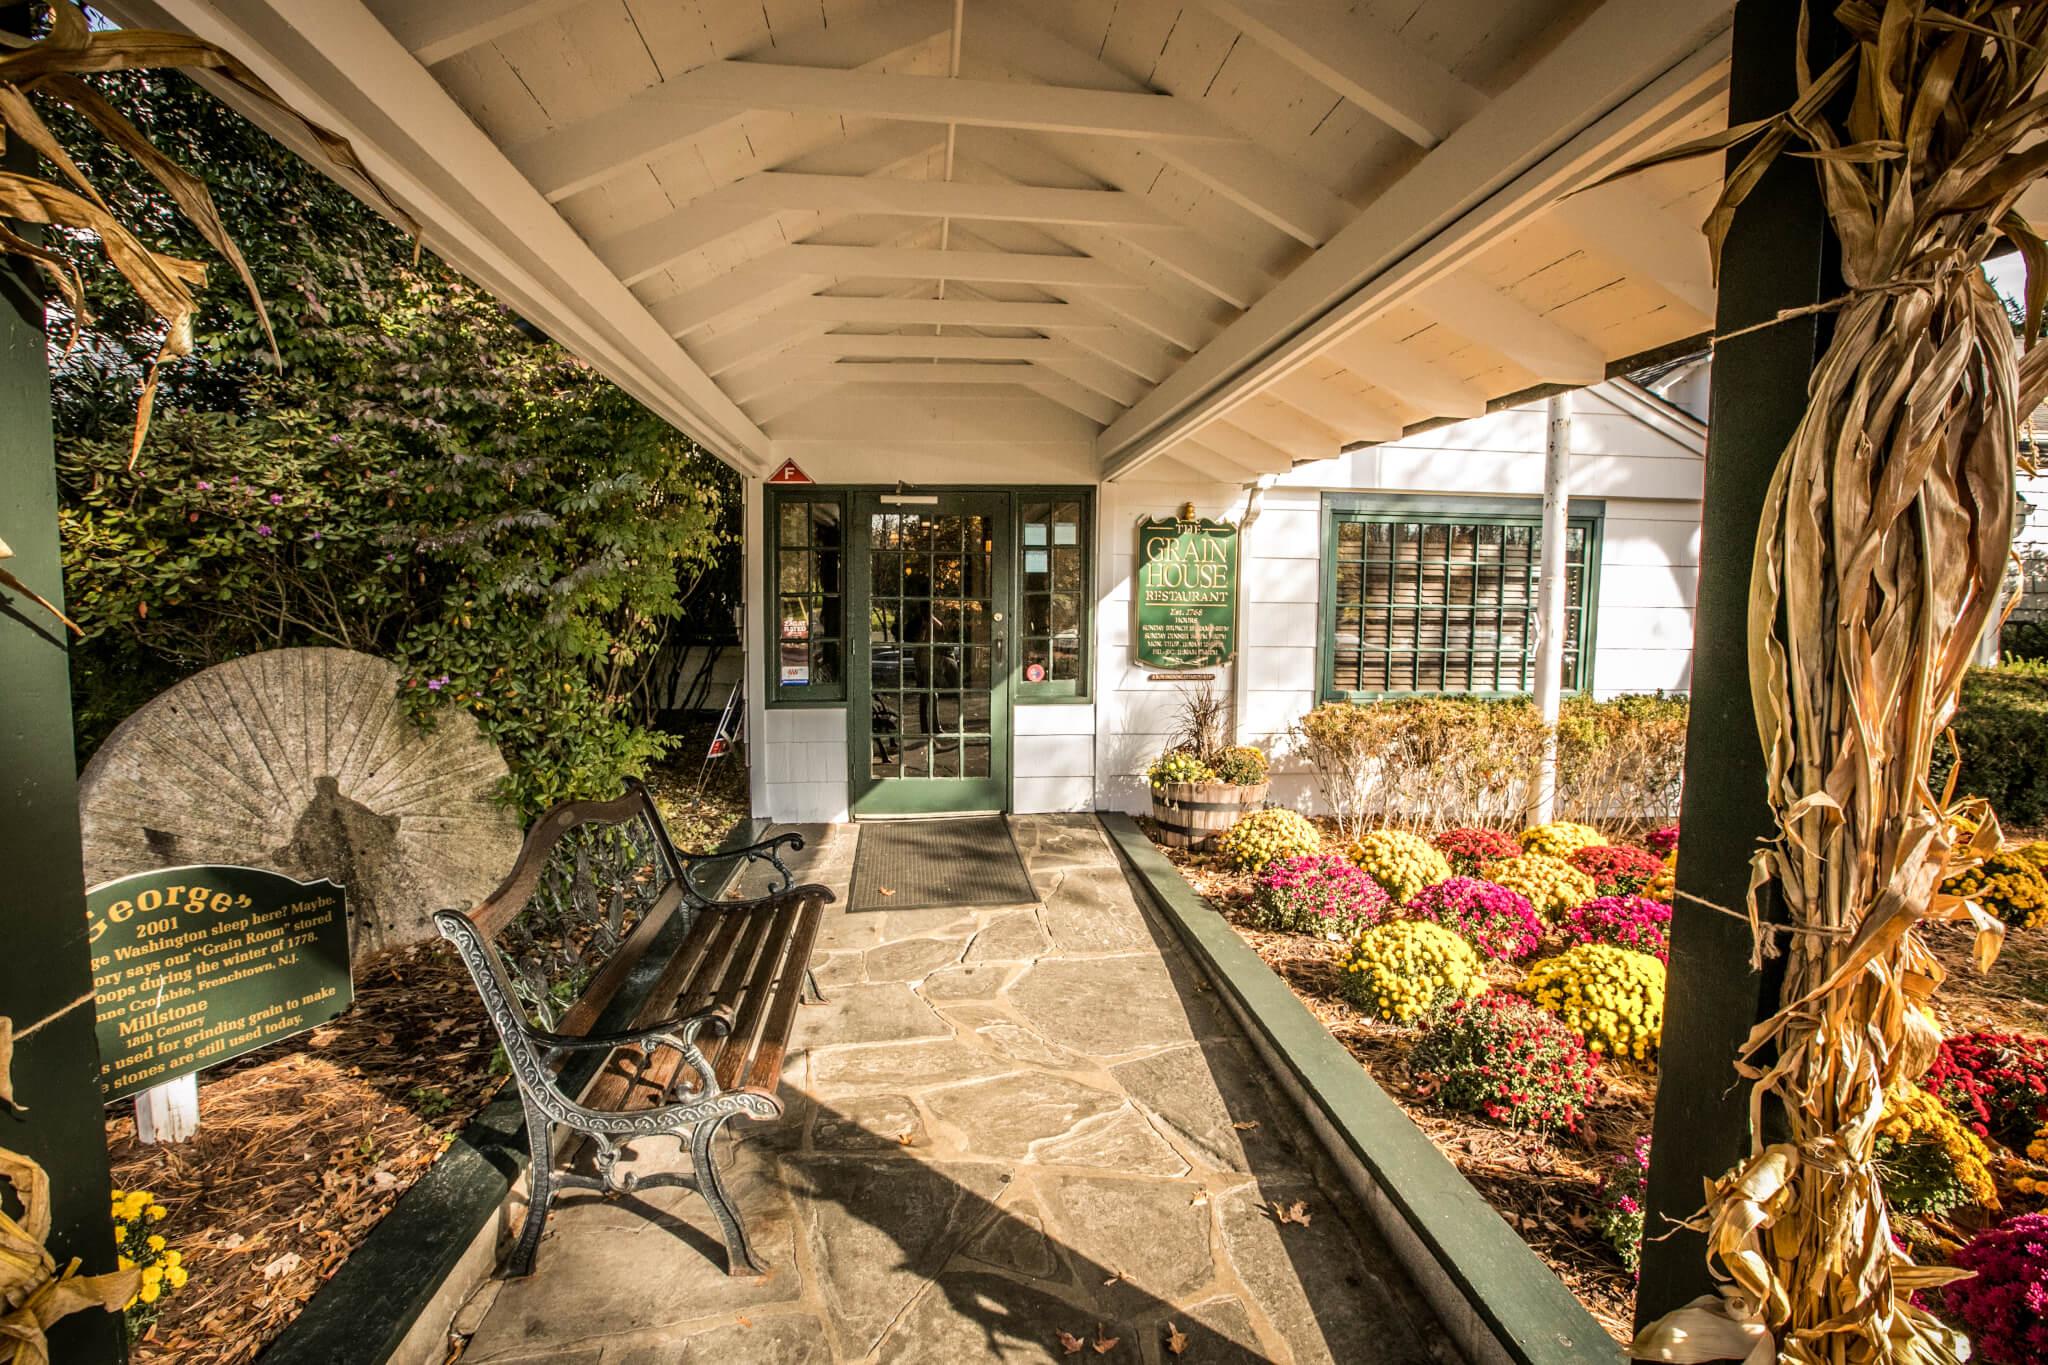 Grain House Side Entrance - The Olde Mill Inn & Grain House Restaurant